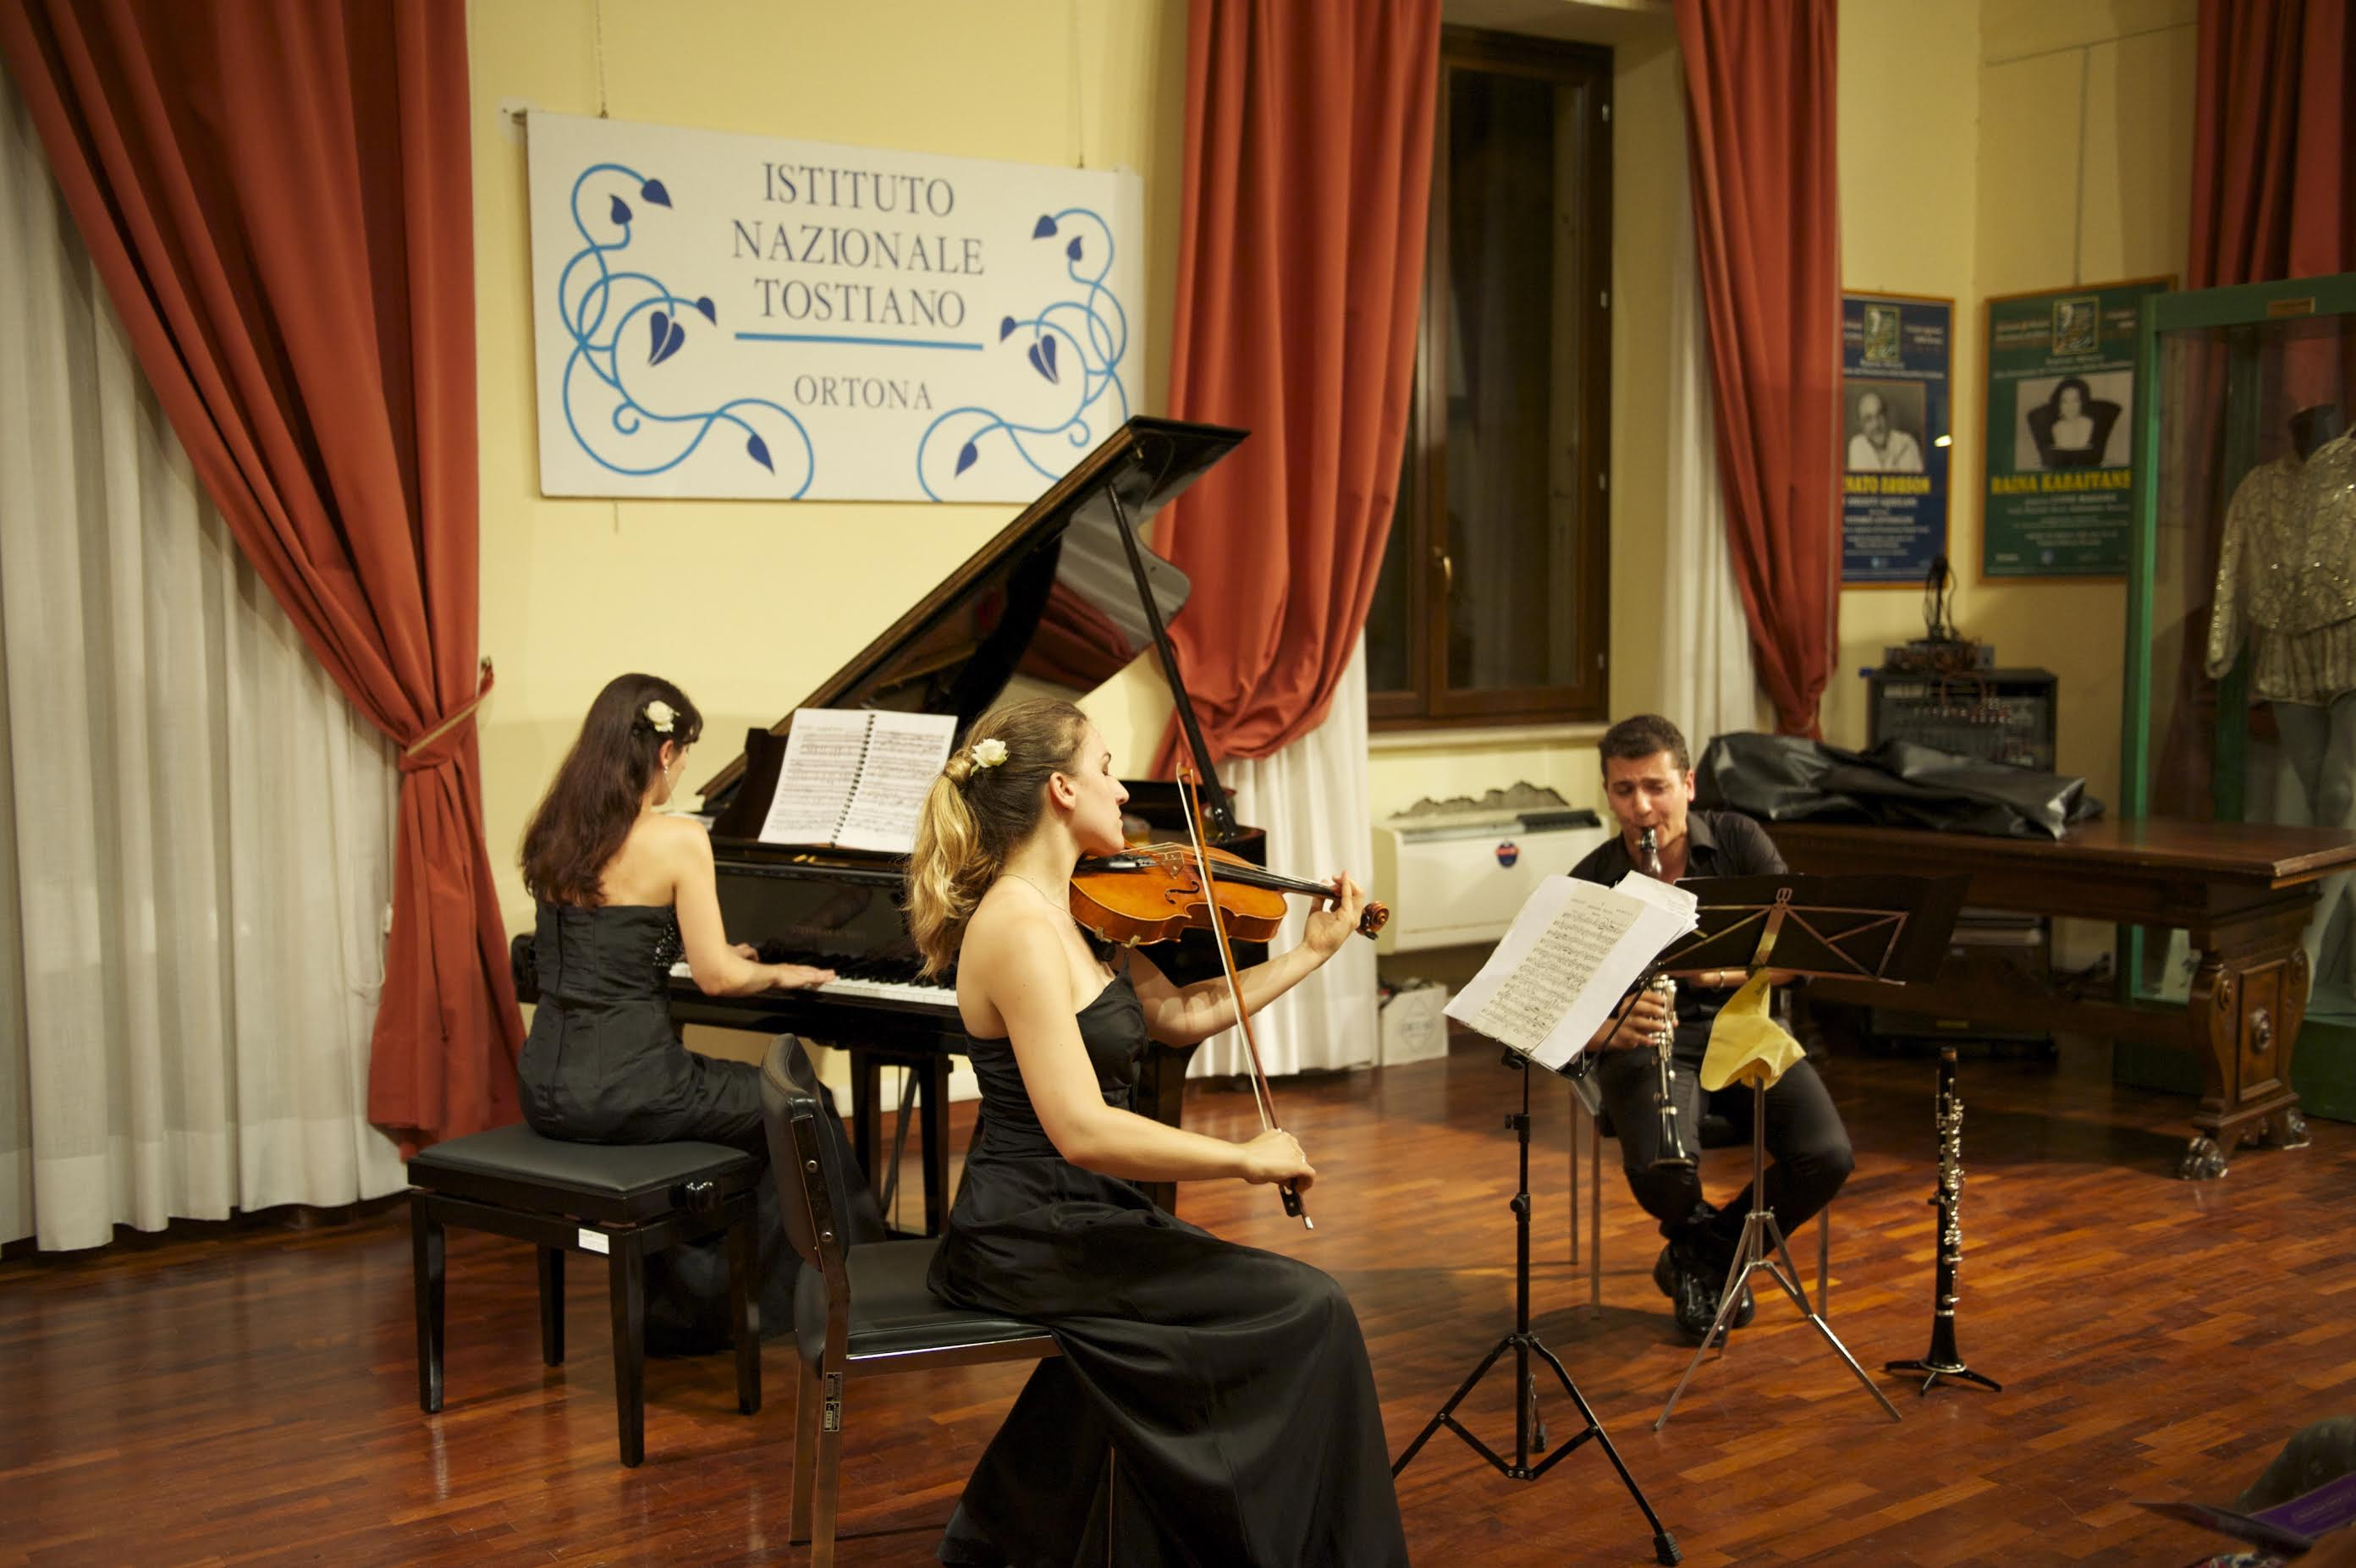 Concerto di Musica da camera - Istituto Nazionale Tostiano - Palazzo Corvo